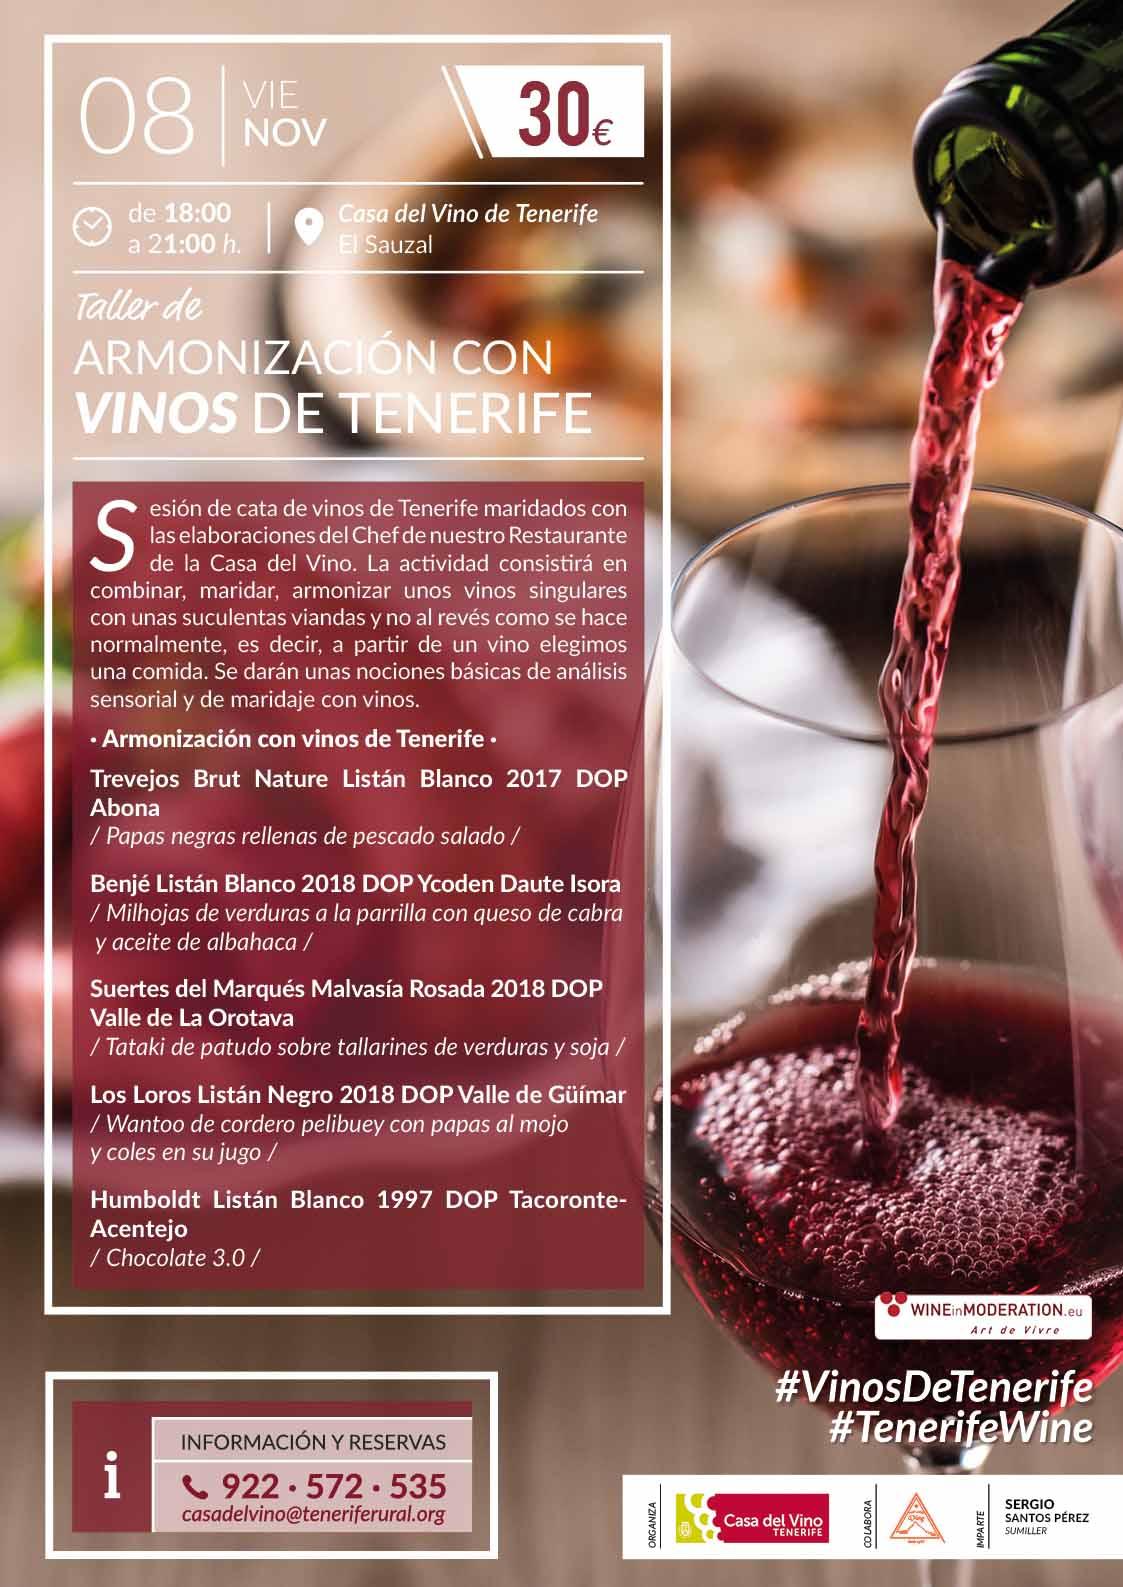 Taller de Armonización con Vinos de Tenerife, viernes 8 de noviembre de 2019. El vino escoge al plato